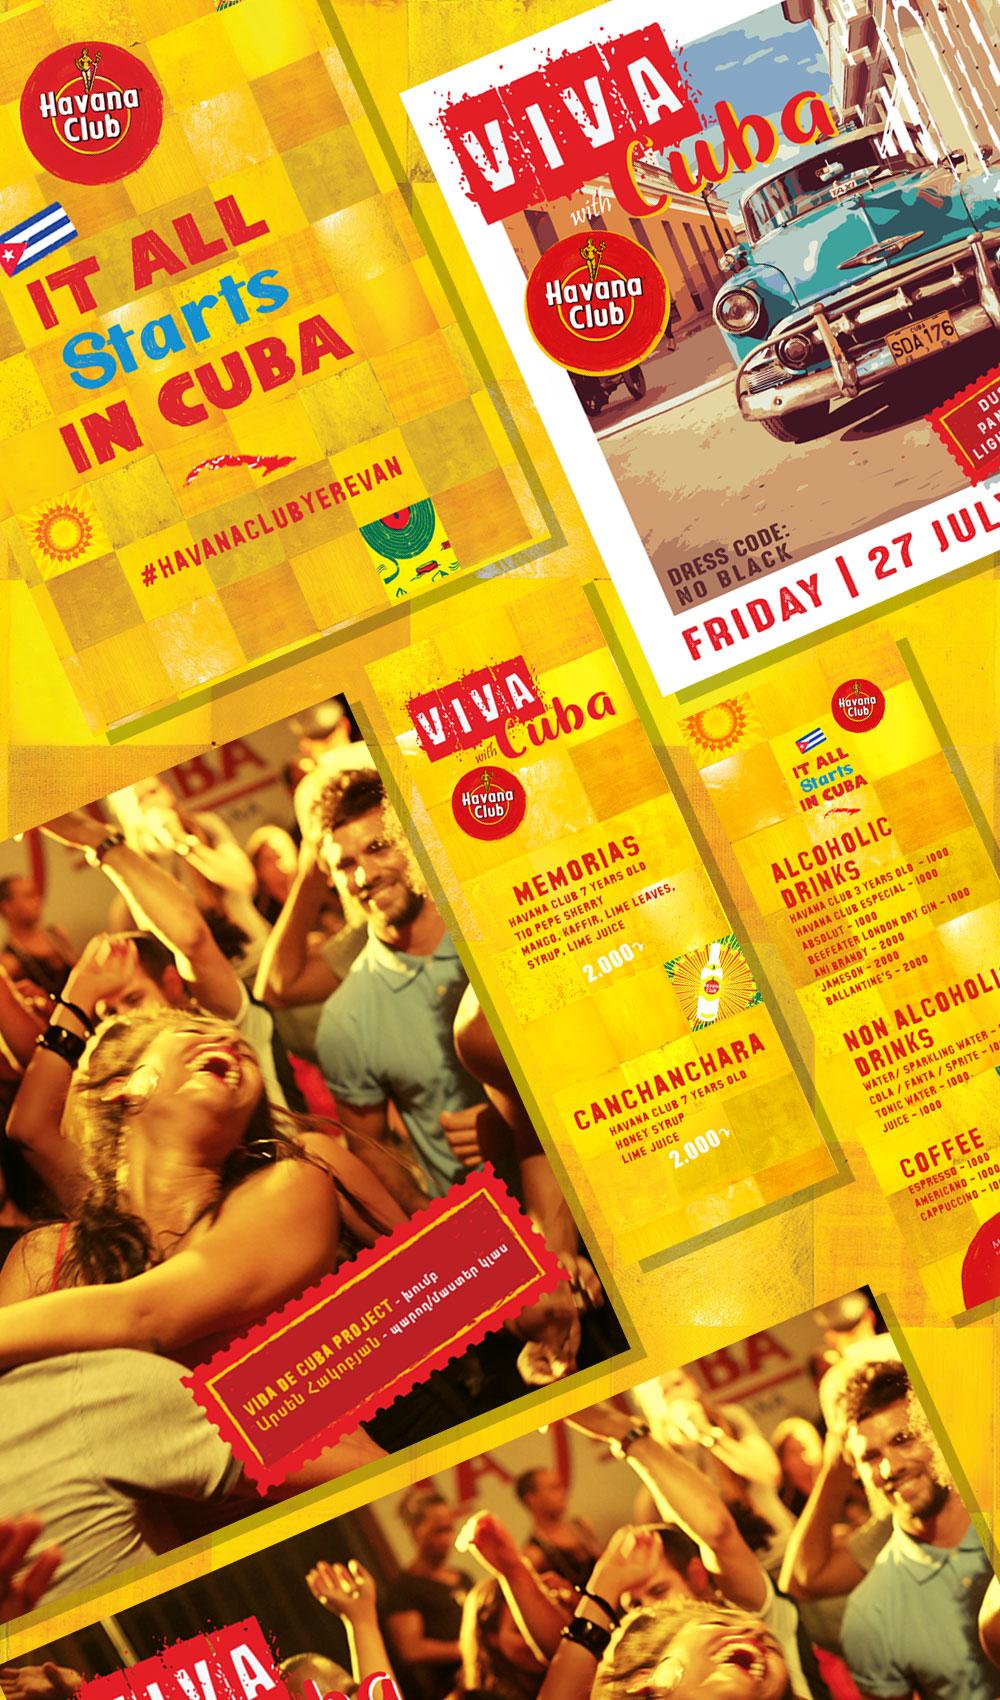 Montmartre-restaurant_Havana_Branding